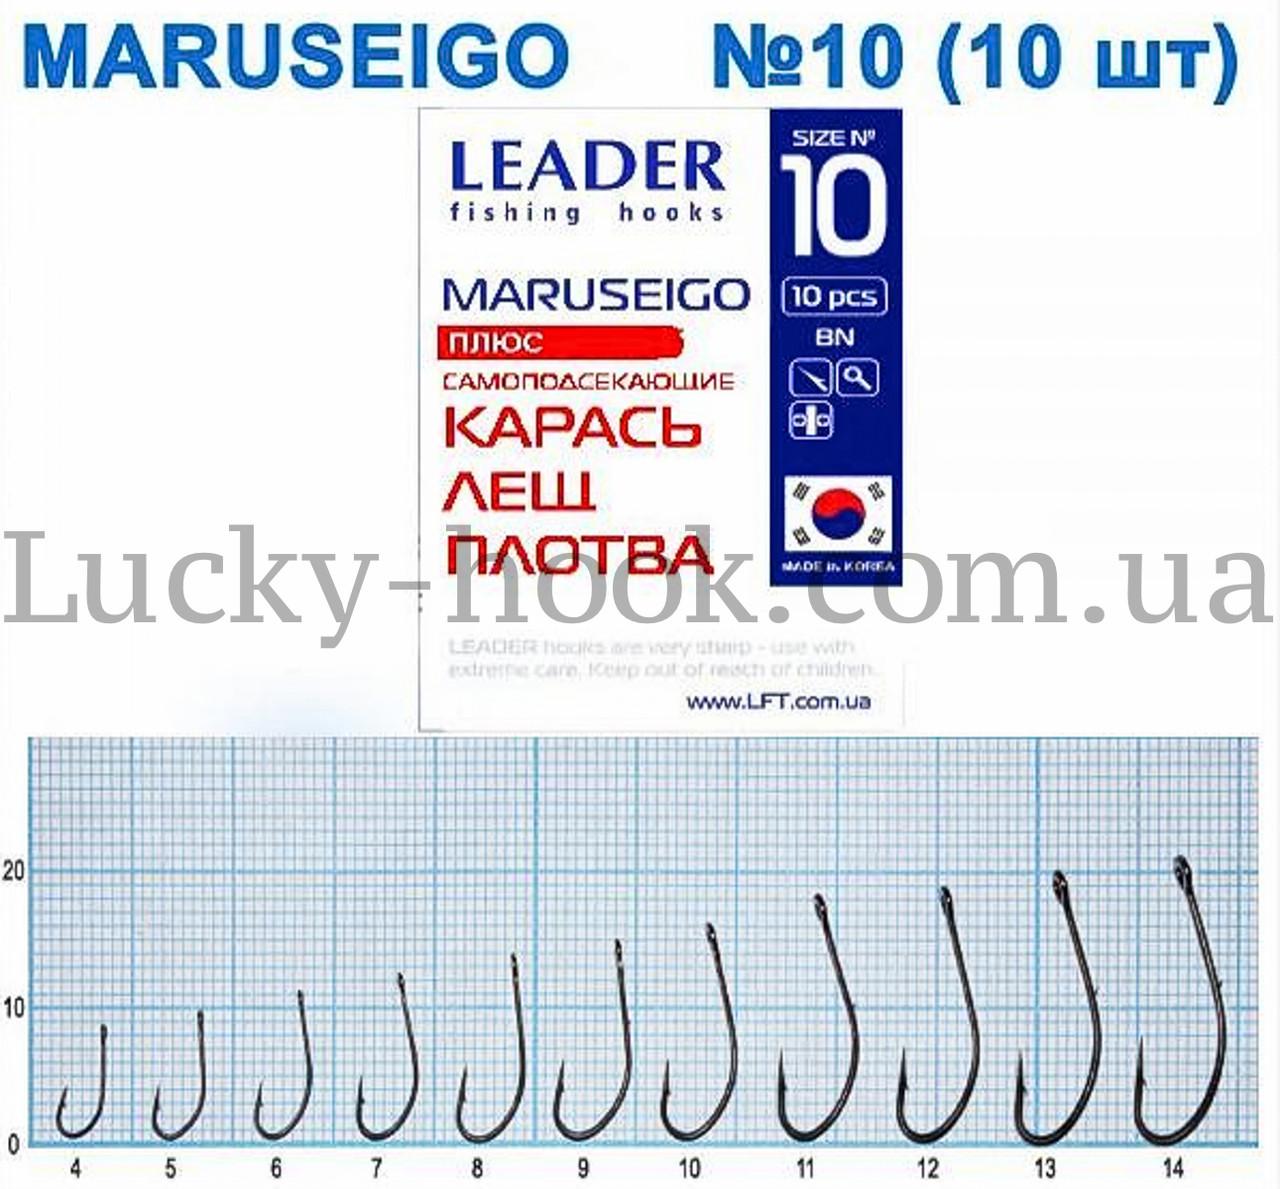 Крючок Leader Maruseigo плюс самоподсекающие (Карась, лещ, плотва) № 10